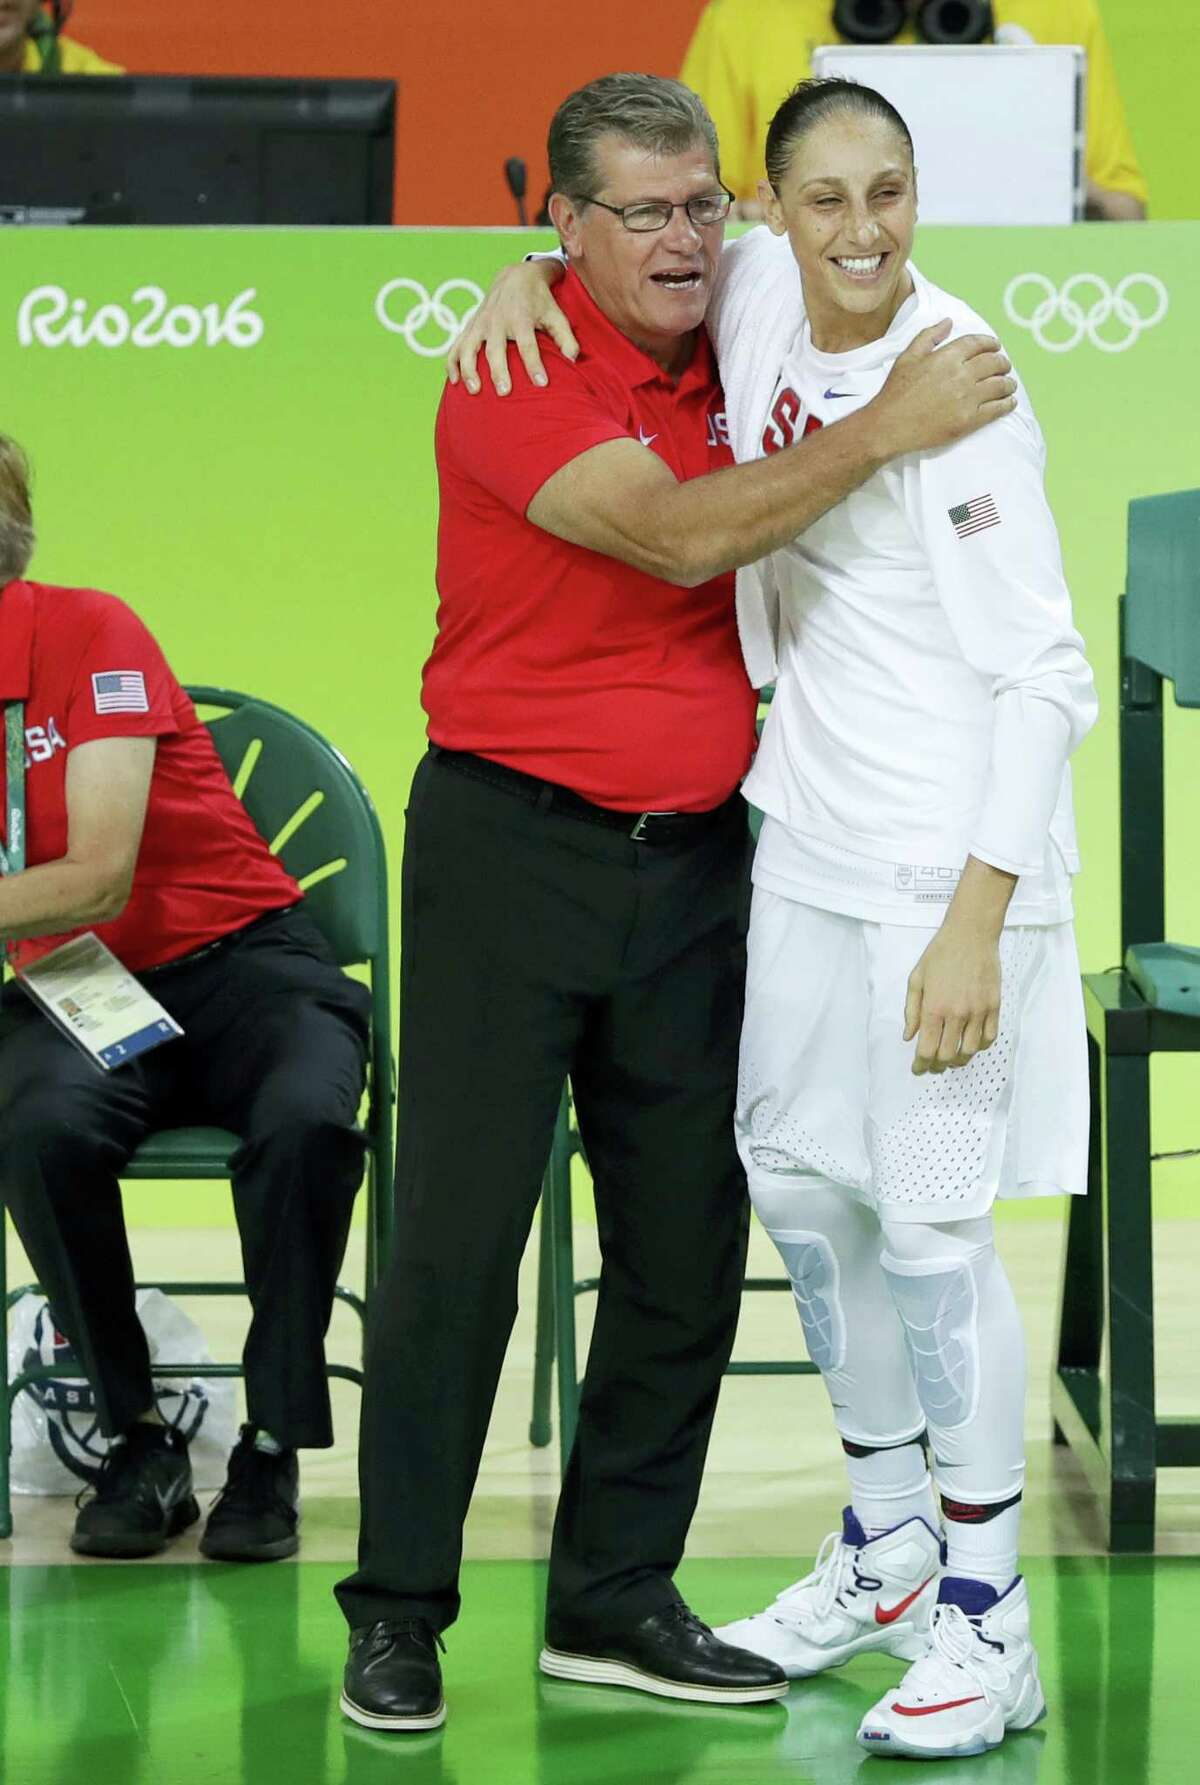 Diana Taurasi, right, celebrates with head coach Geno Auriemma.